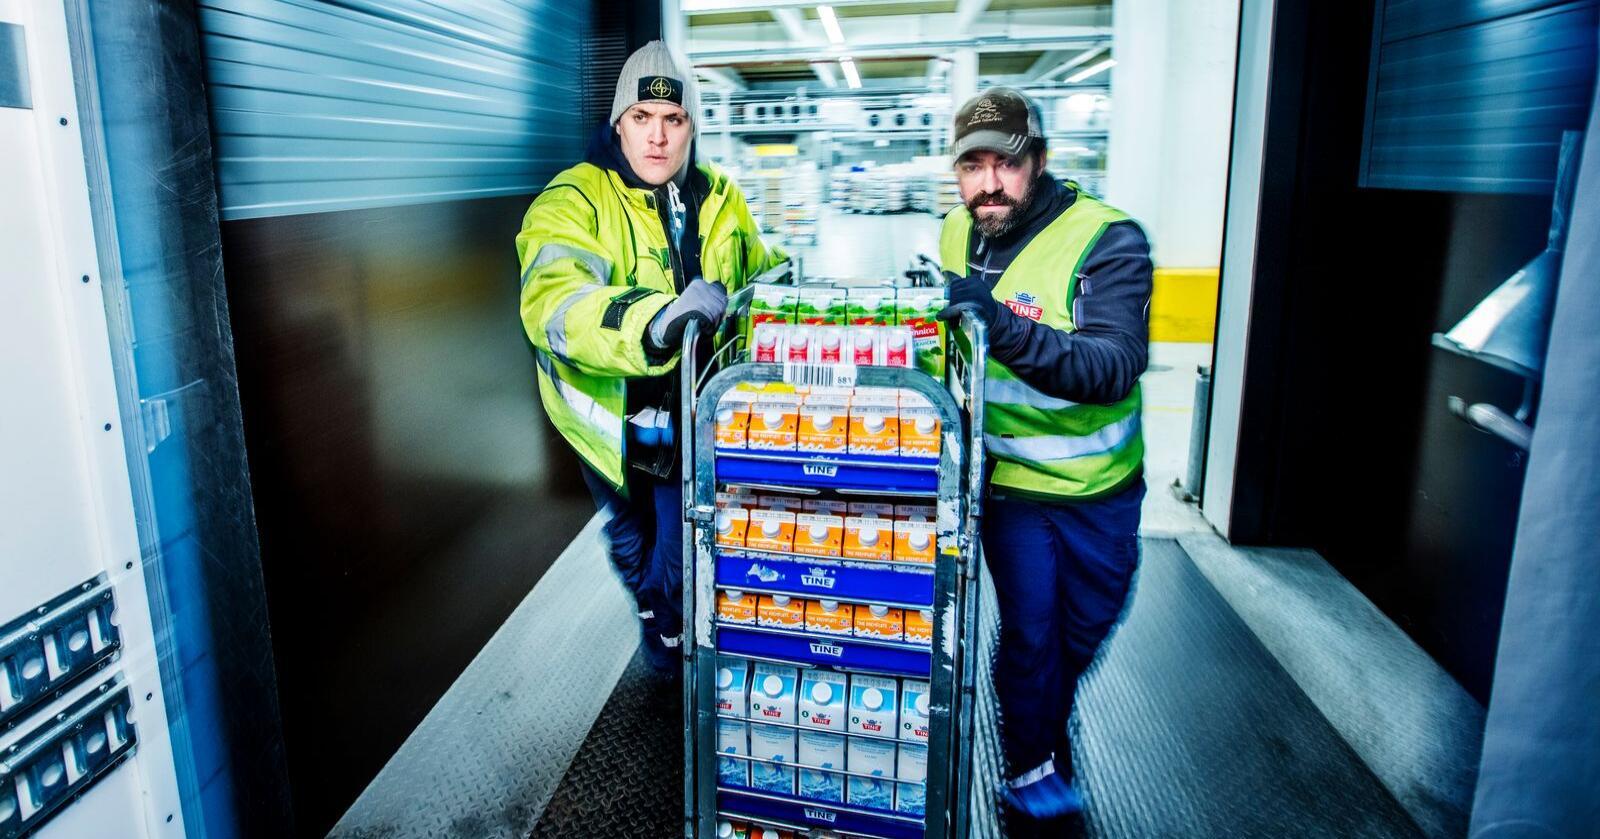 Koronakrisen har forandret nordmenns syn på melk og melkeproduksjon, mener Opplysningskontoret for Meieriprodukter. (Foto: Tine)